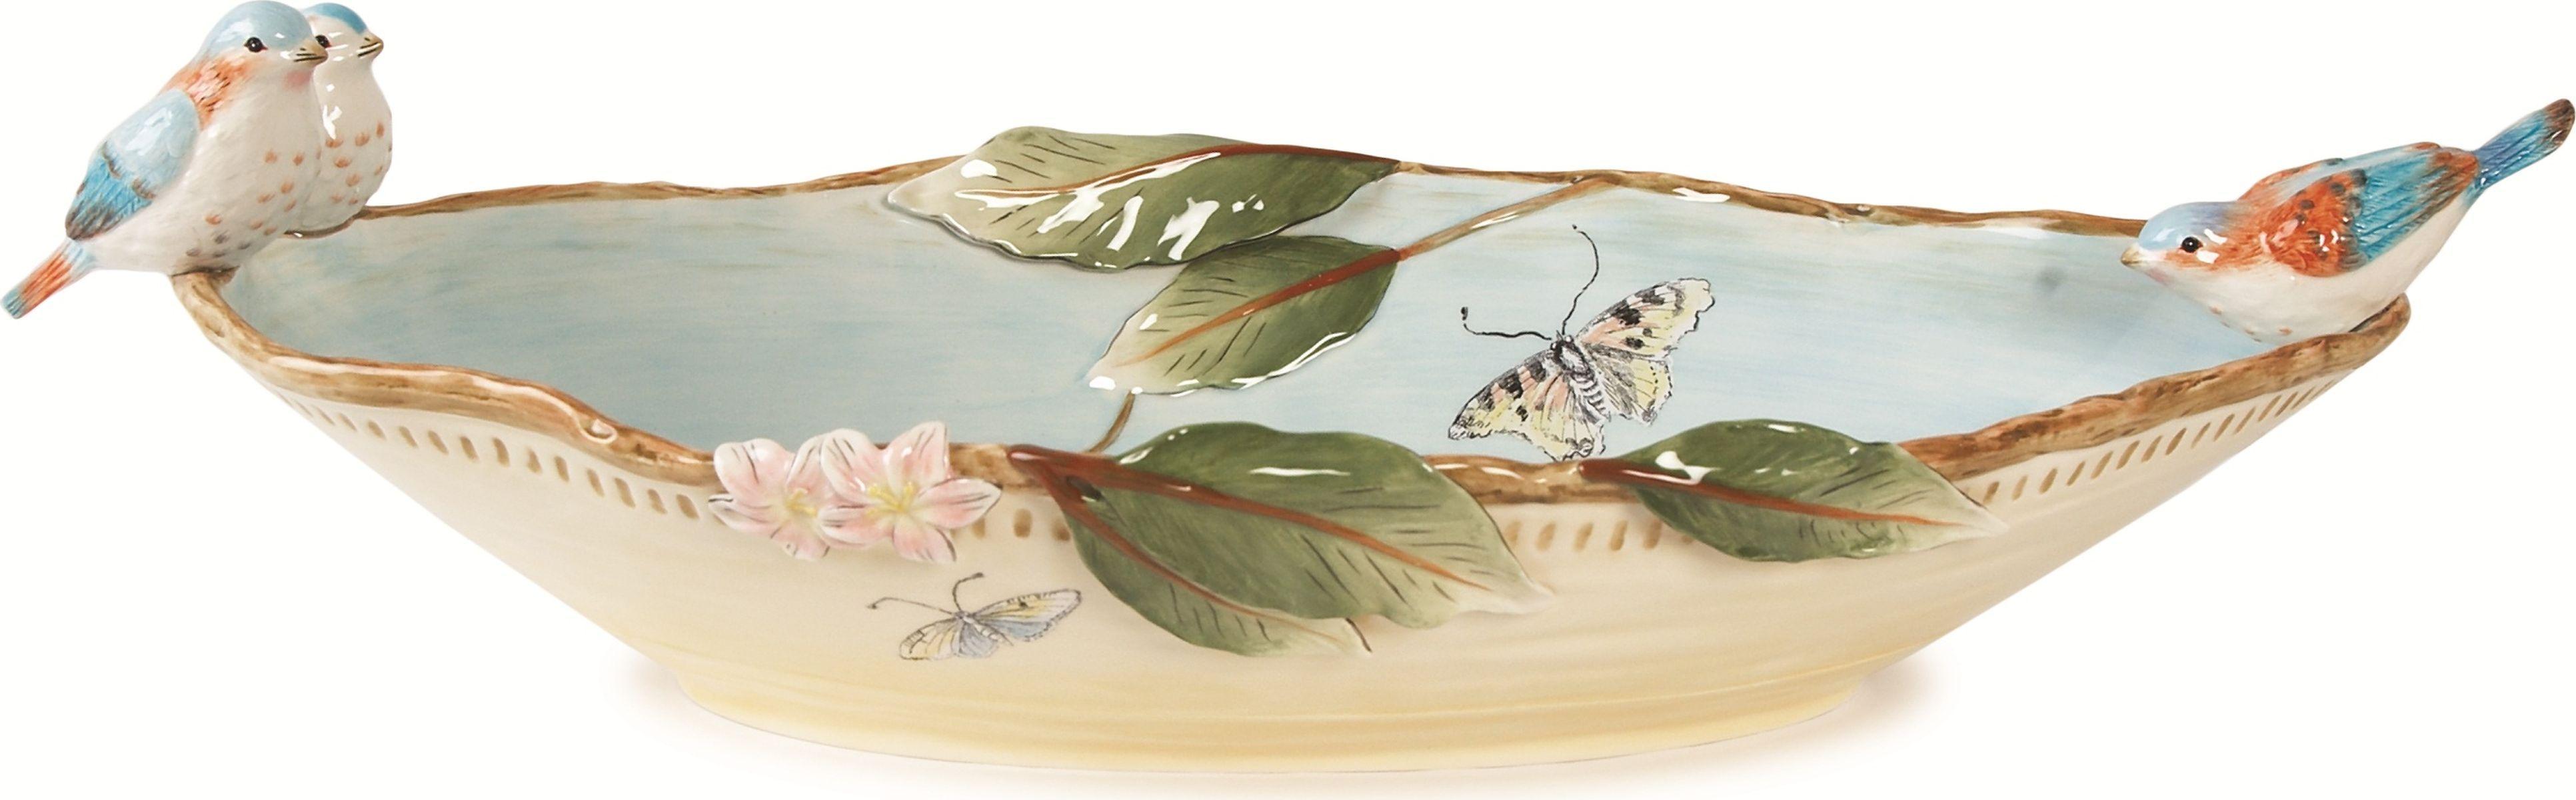 Блюдо для сервировки Fitz and Floyd Тулуза, 58 х 26 см подставка для торта fitz and floyd цветущая сакура 28 см